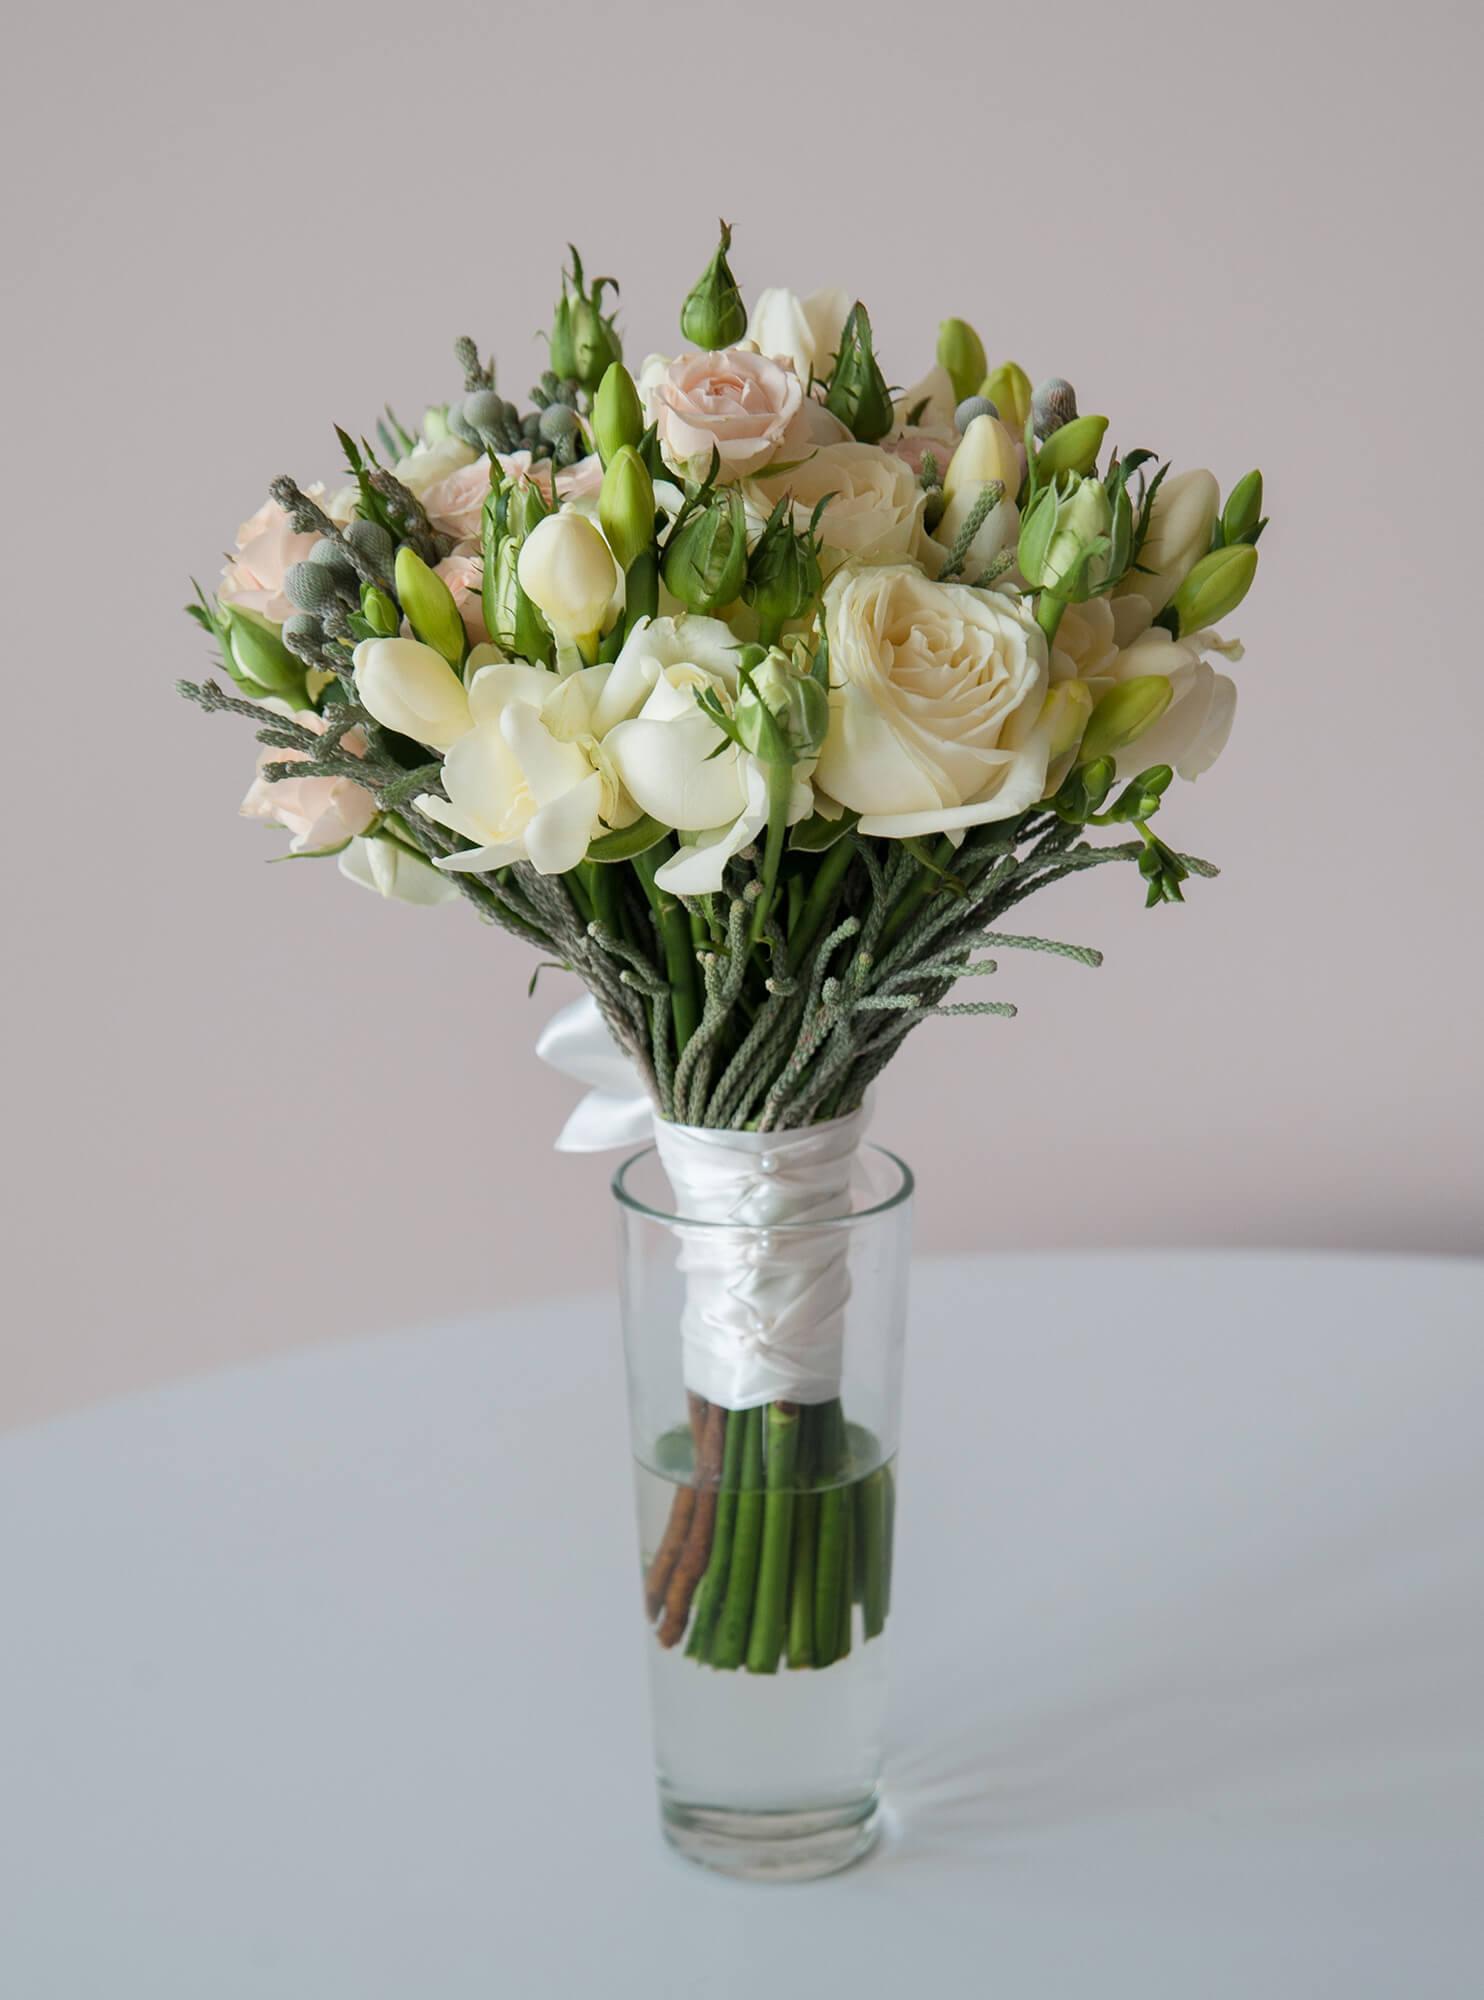 Букет невесты нежно-розовый из кустовых розовых и белых роз, фрезии и серебристой брунии